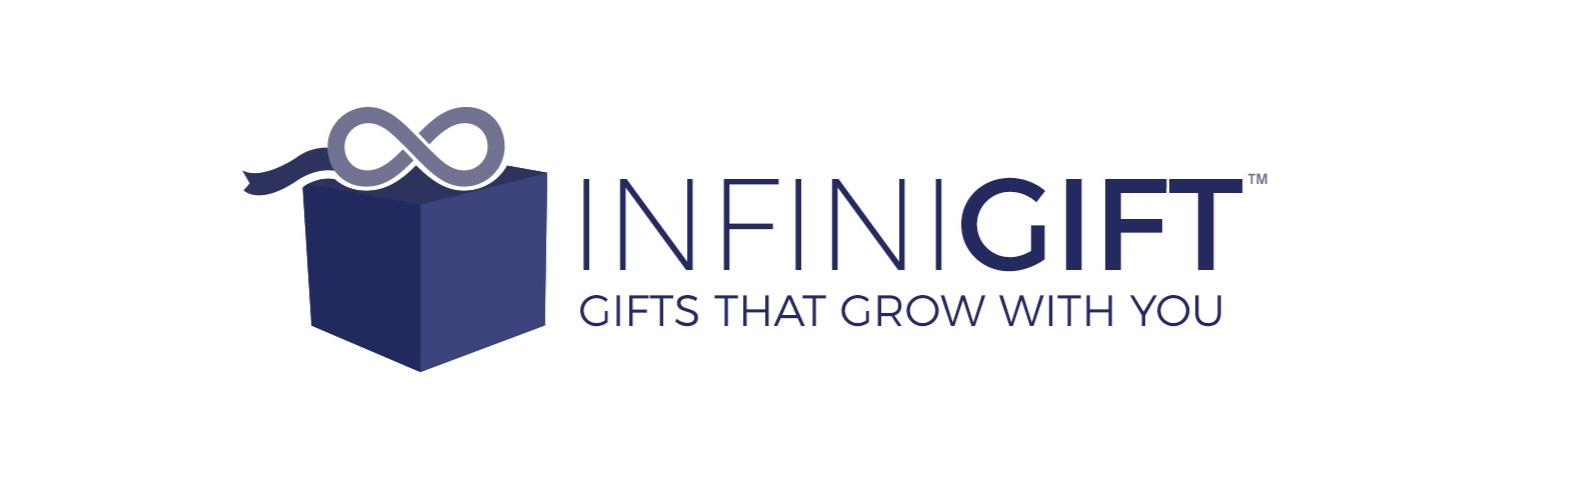 infinigift-logo02-alt.jpg